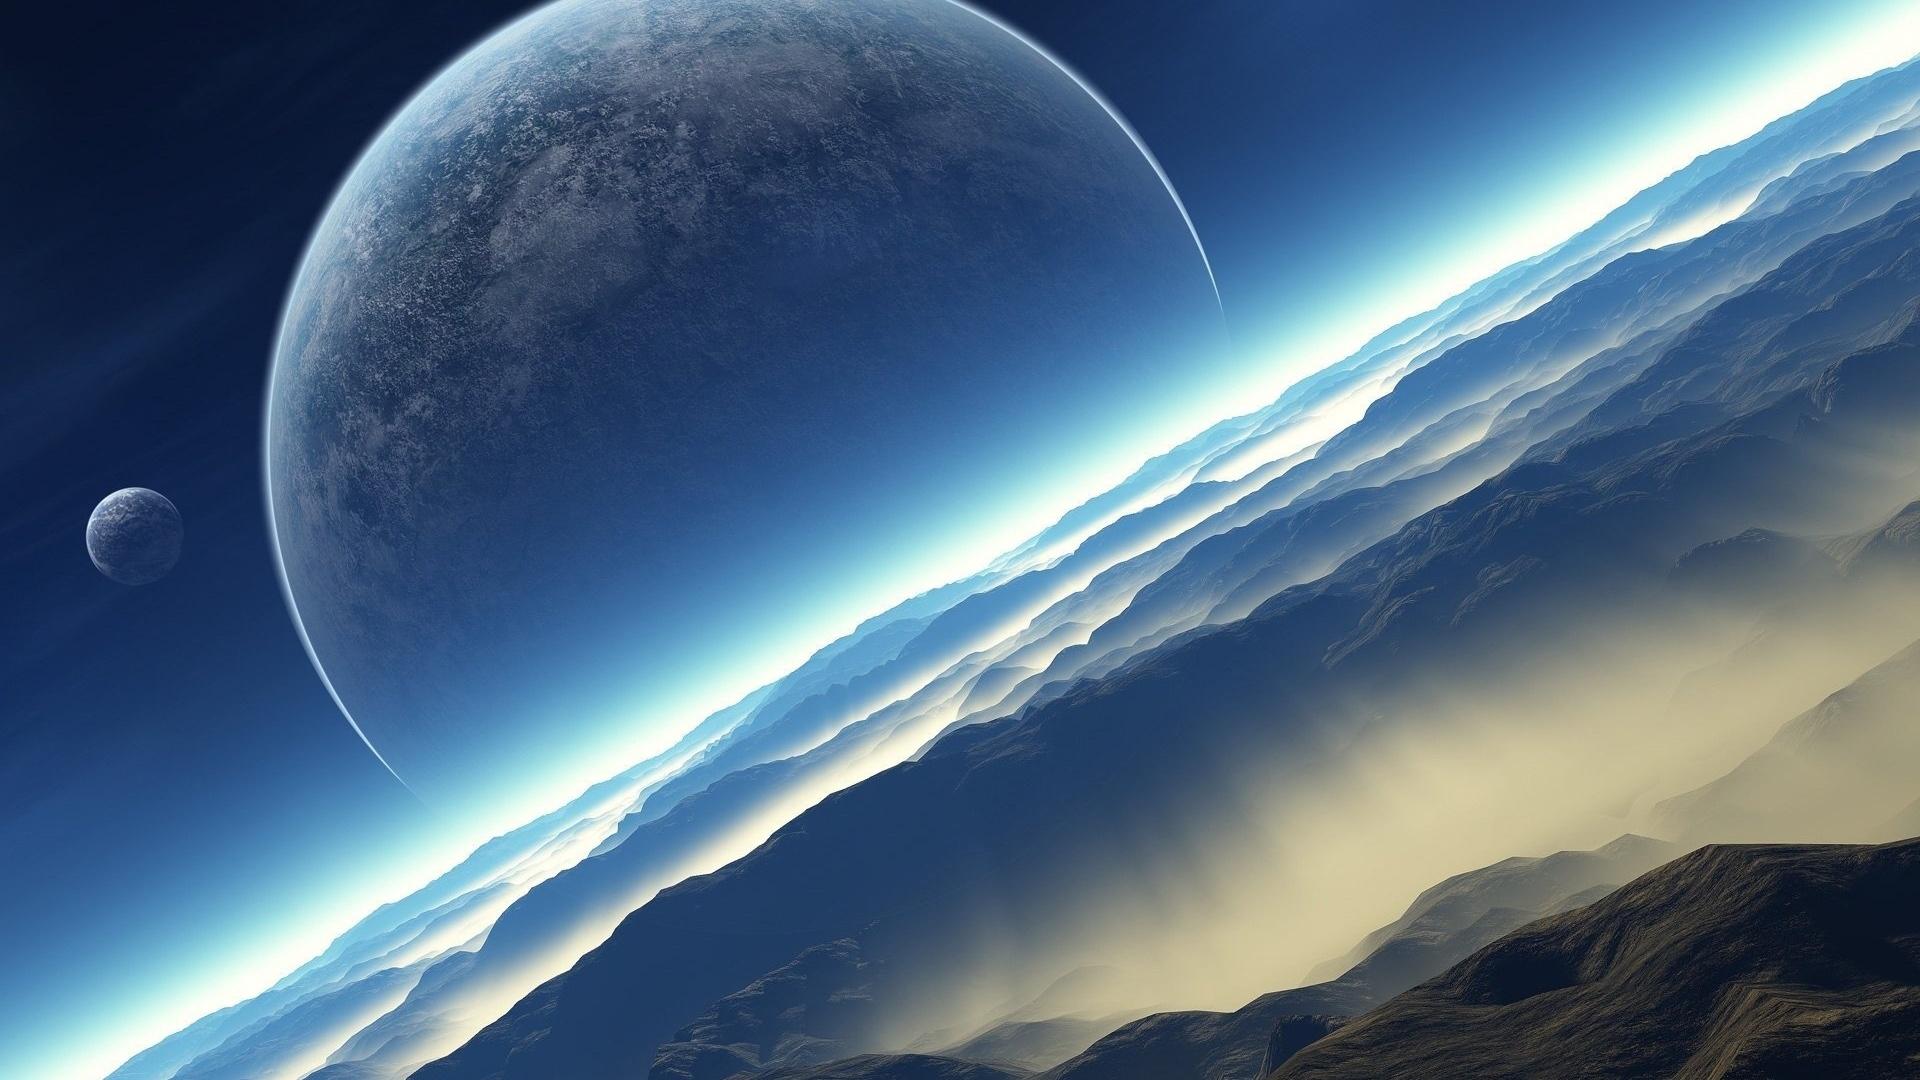 Planetscape Backgrounds, Compatible - PC, Mobile, Gadgets| 1920x1080 px